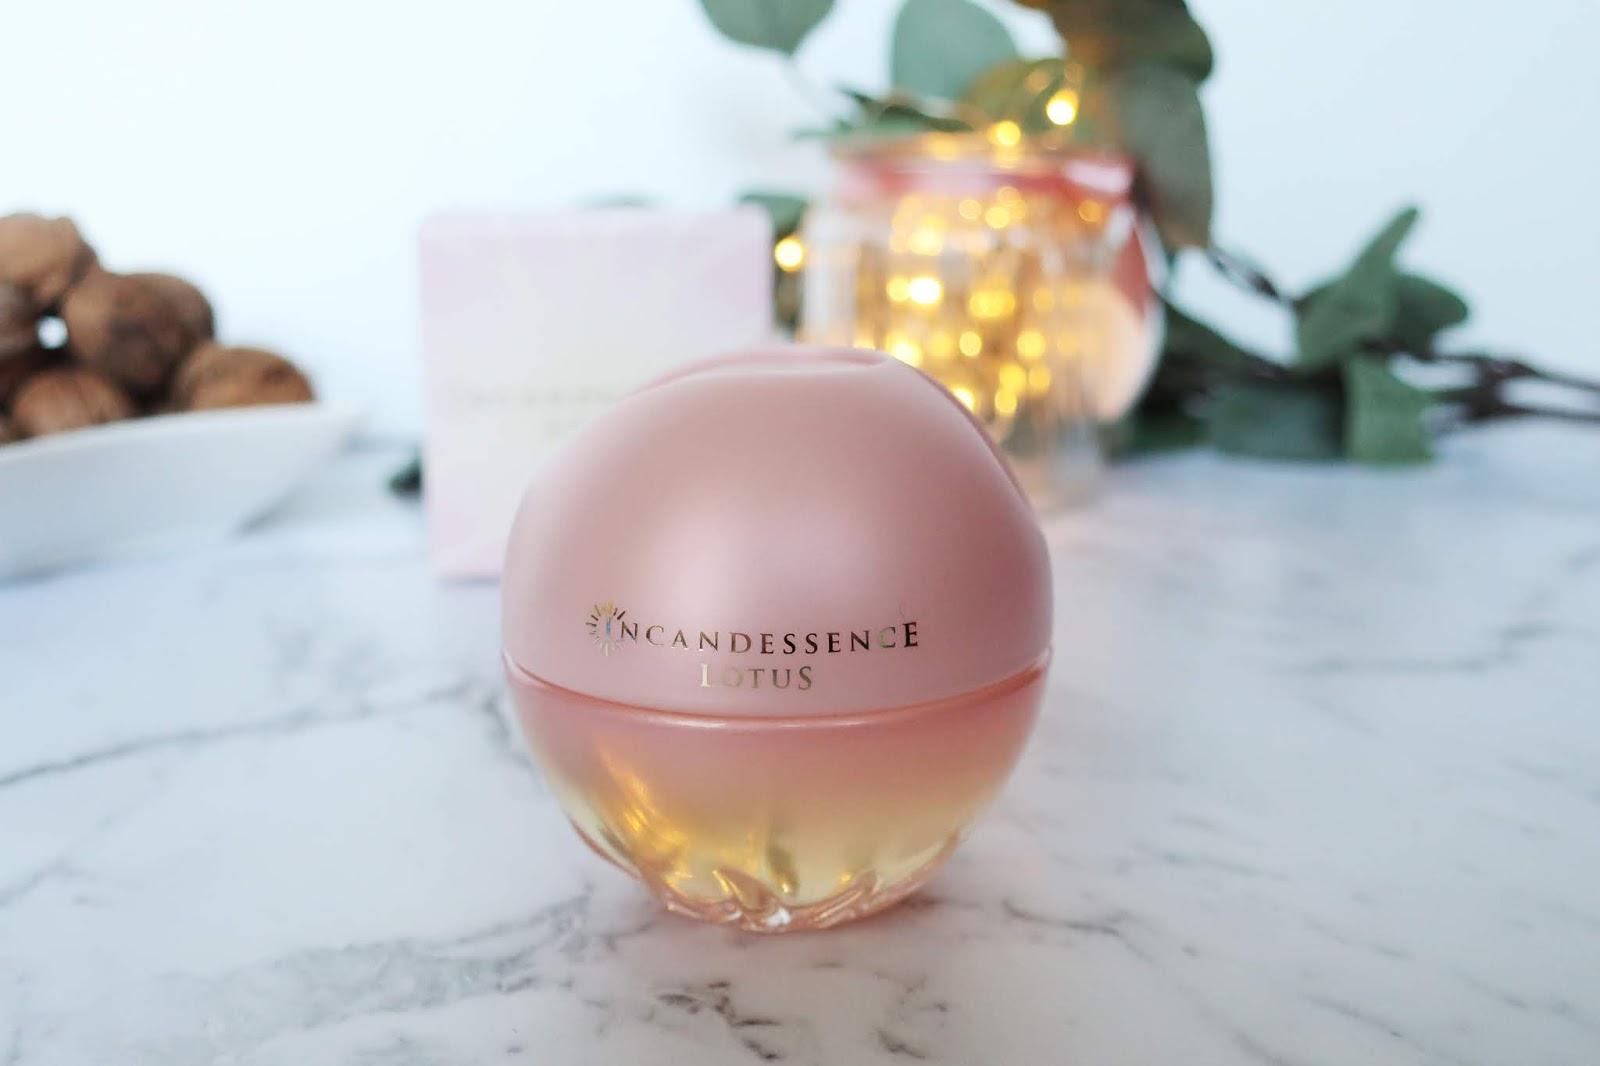 nowość Zapach Incandessence Lotus perfumy Avon